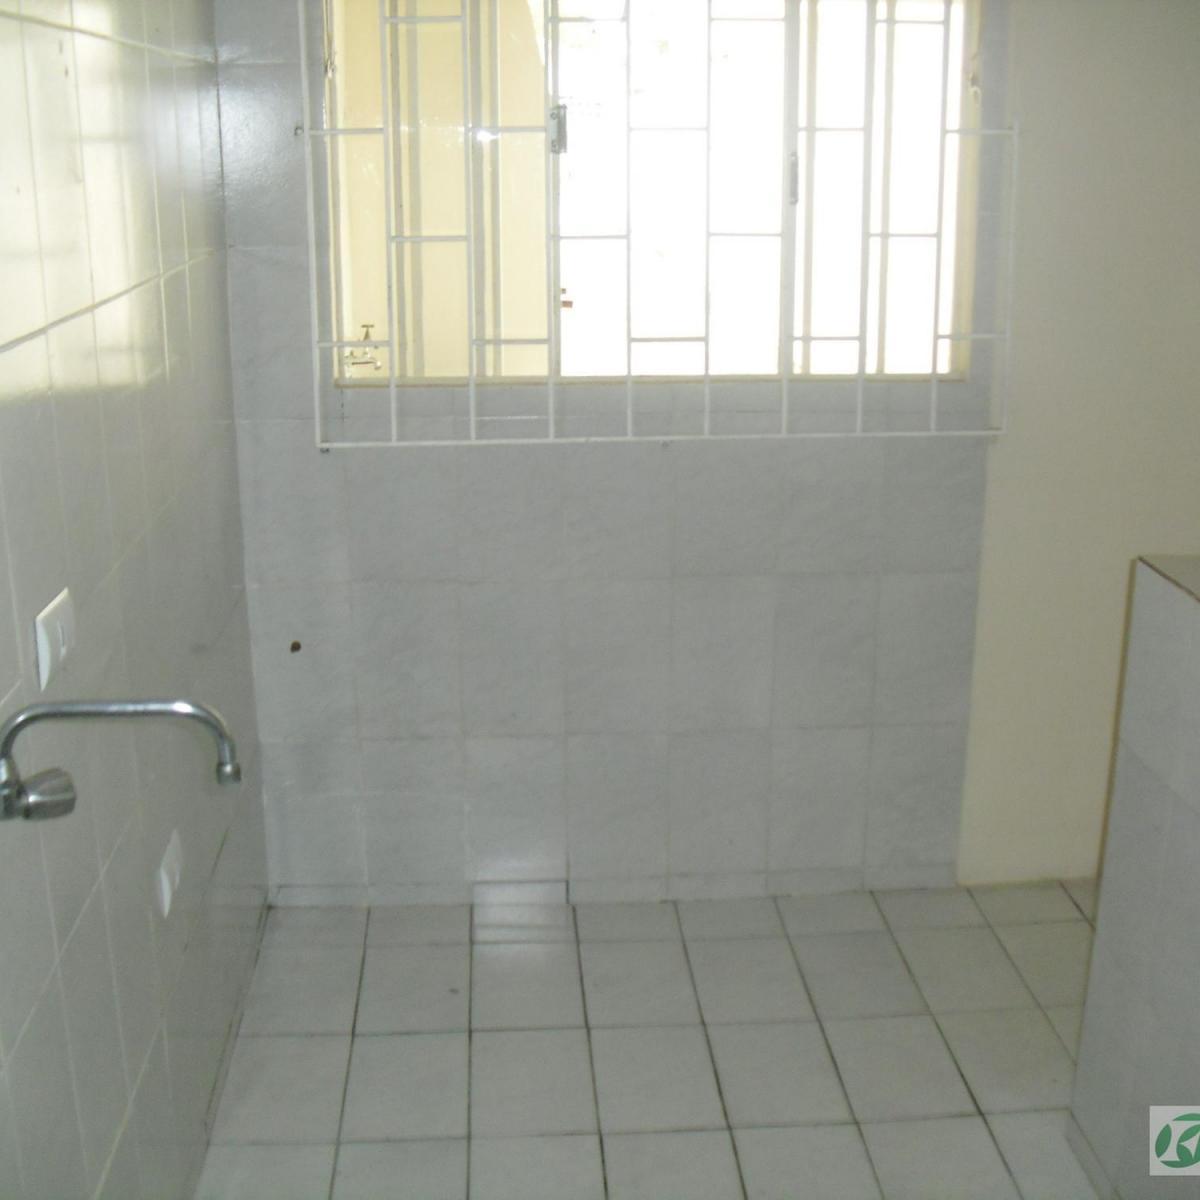 da Imbuia Curitiba R$ 840 50 m2 ID: 2930503870 Imovelweb #807B4B 1200x1200 Balcão Banheiro Curitiba